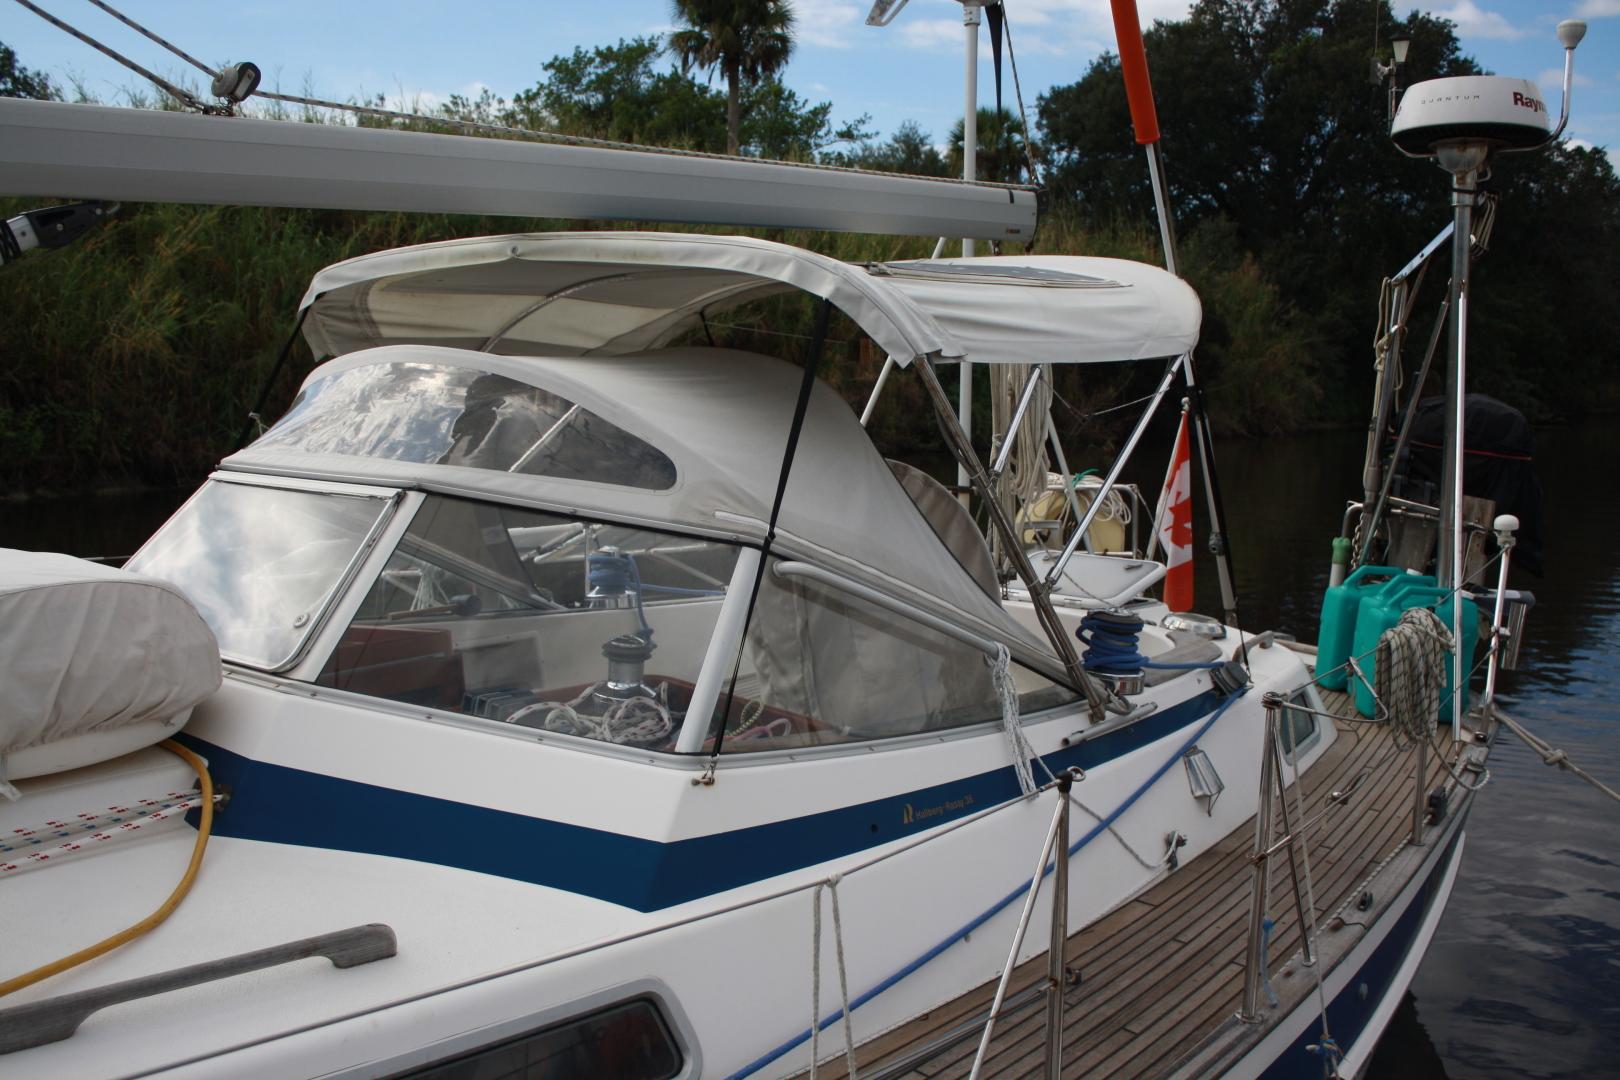 Hallberg-Rassy-36 MKII 2002-Vivace 1 Stuart-Florida-United States-1312763   Thumbnail